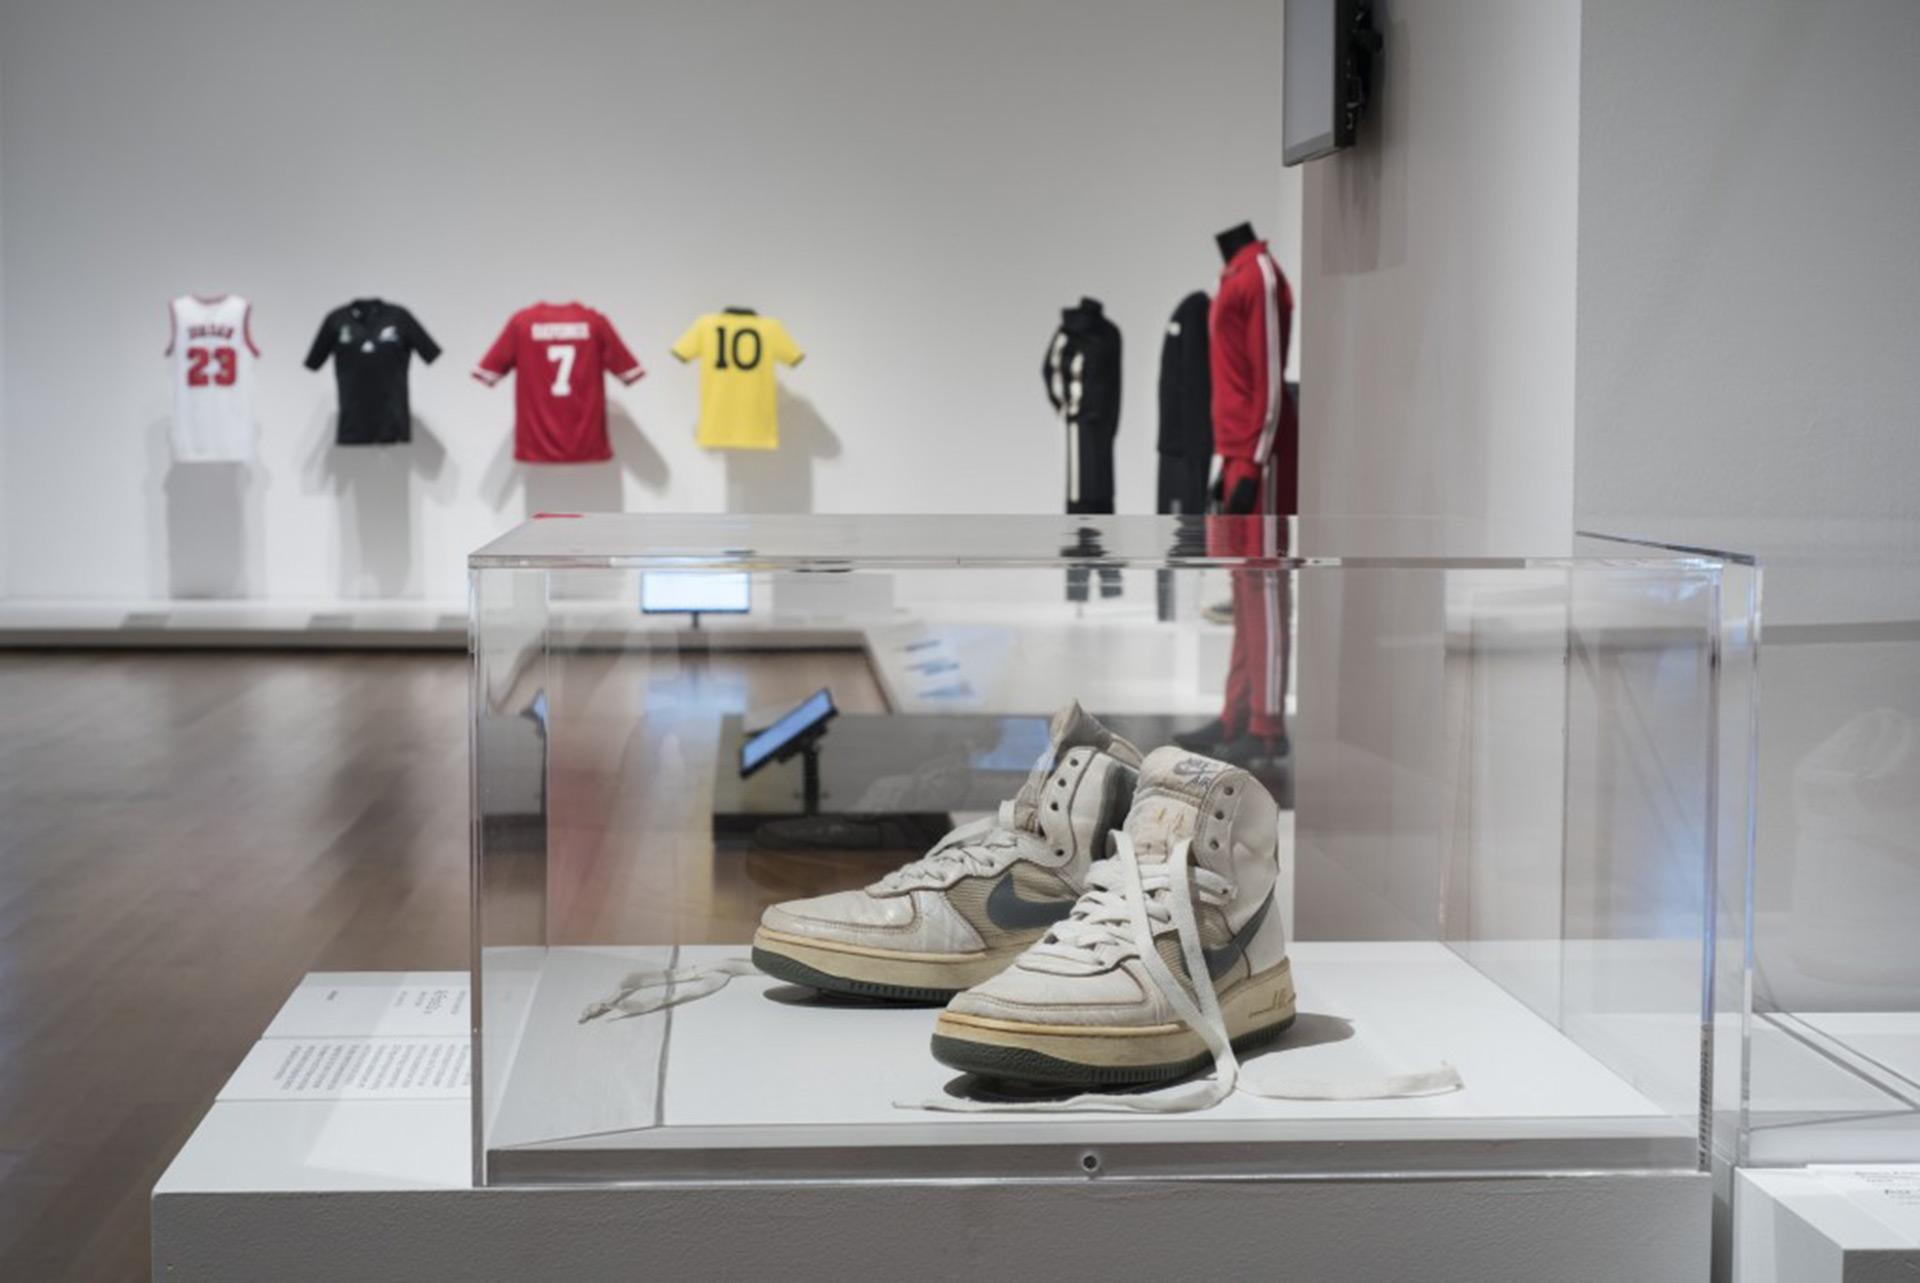 Museo Moma.La Moda Llego Al Nivel Del Arte Los 111 Iconos Que Eligio El Moma